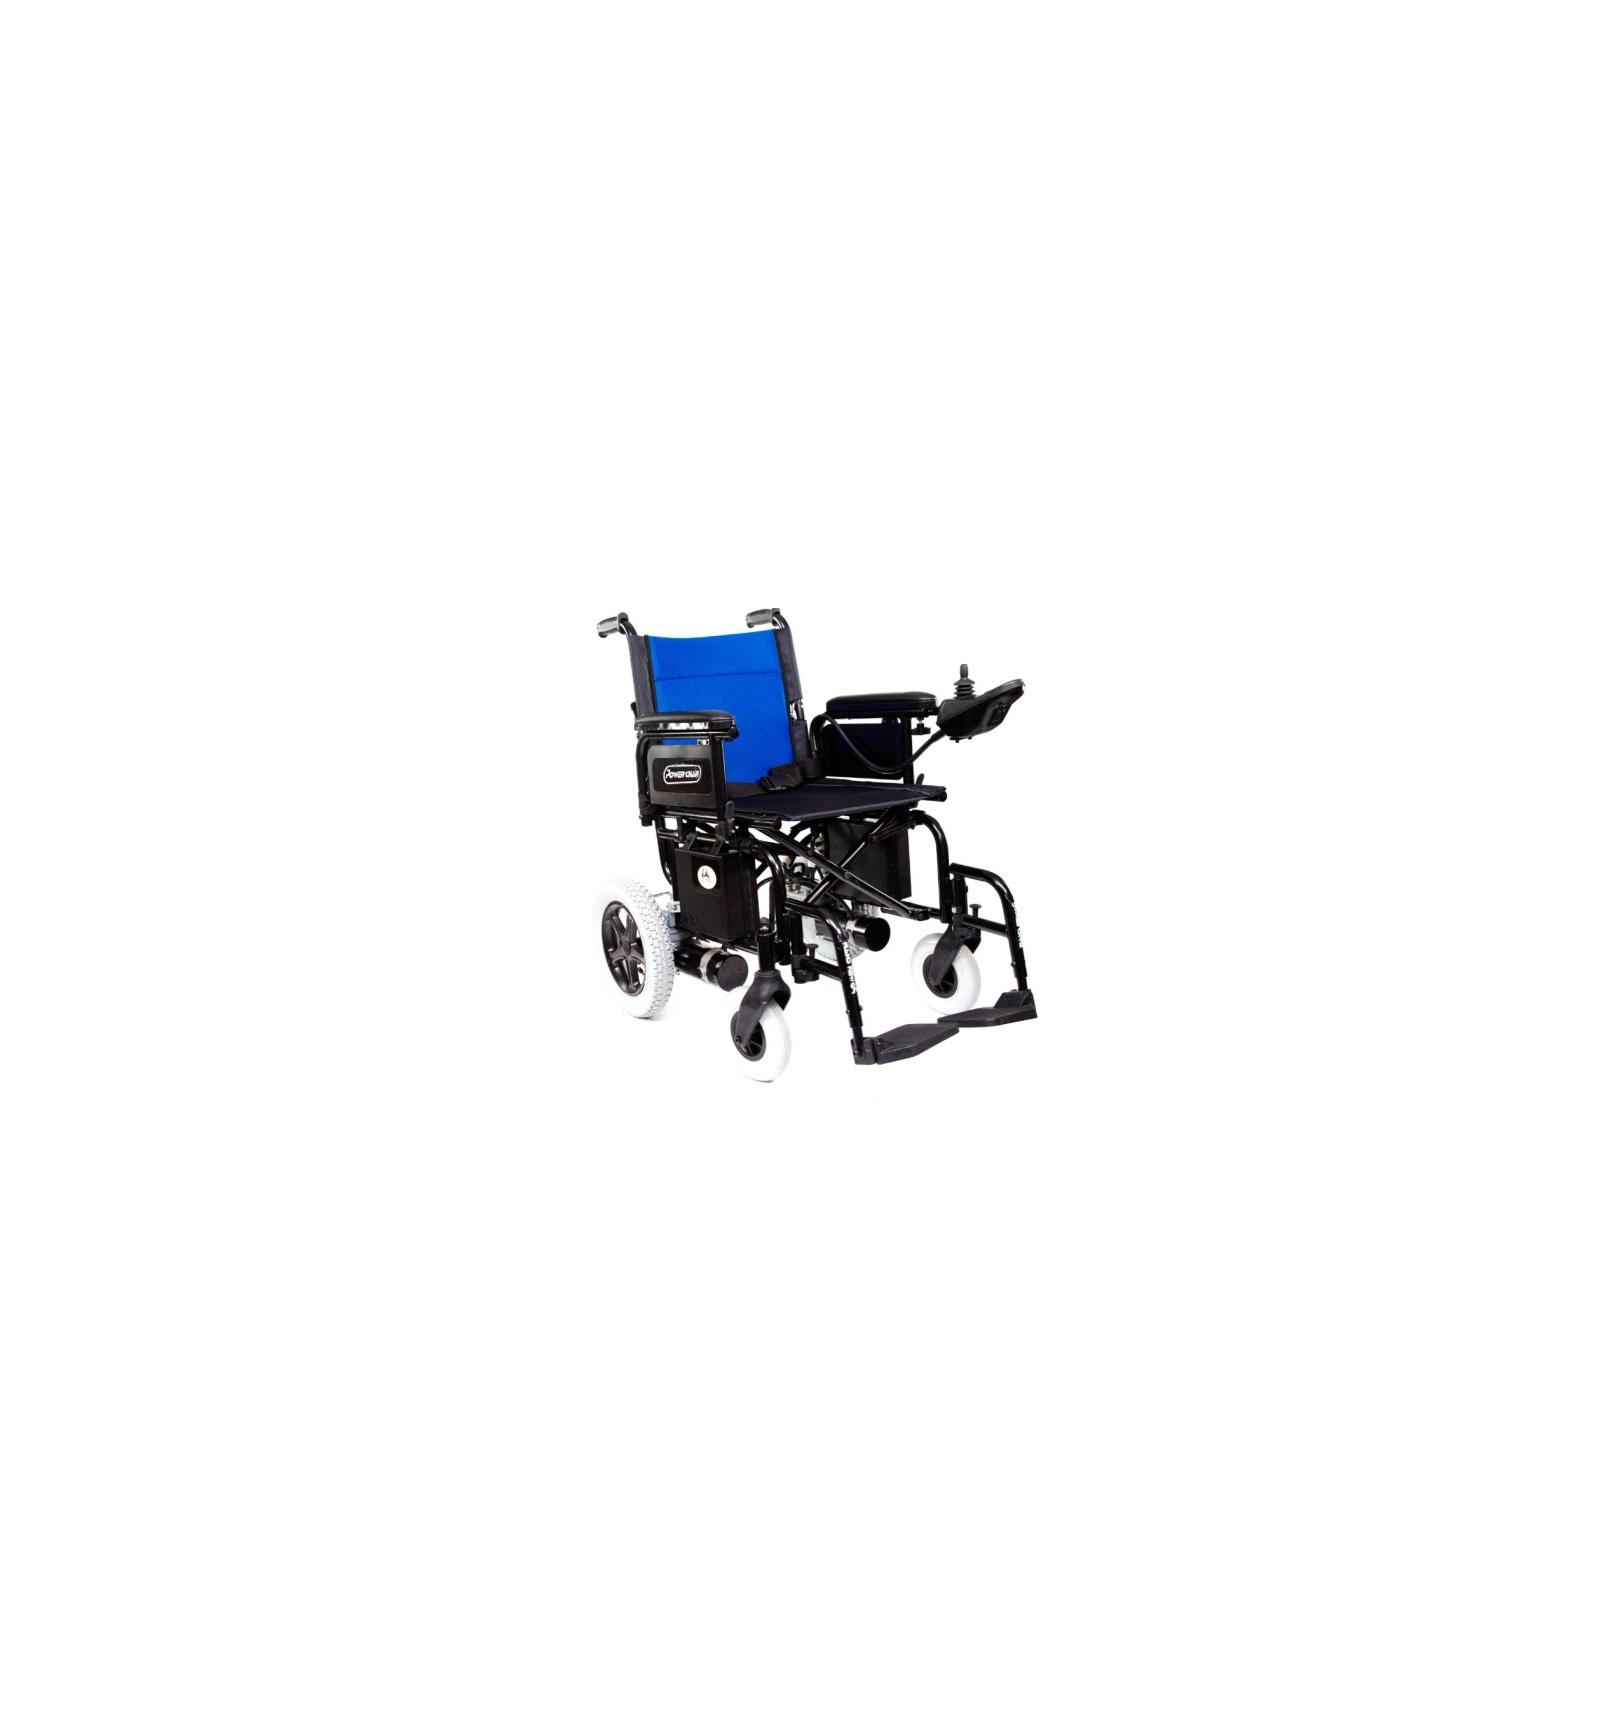 Fauteuil lectrique roulant - Prix fauteuil roulant electrique ...